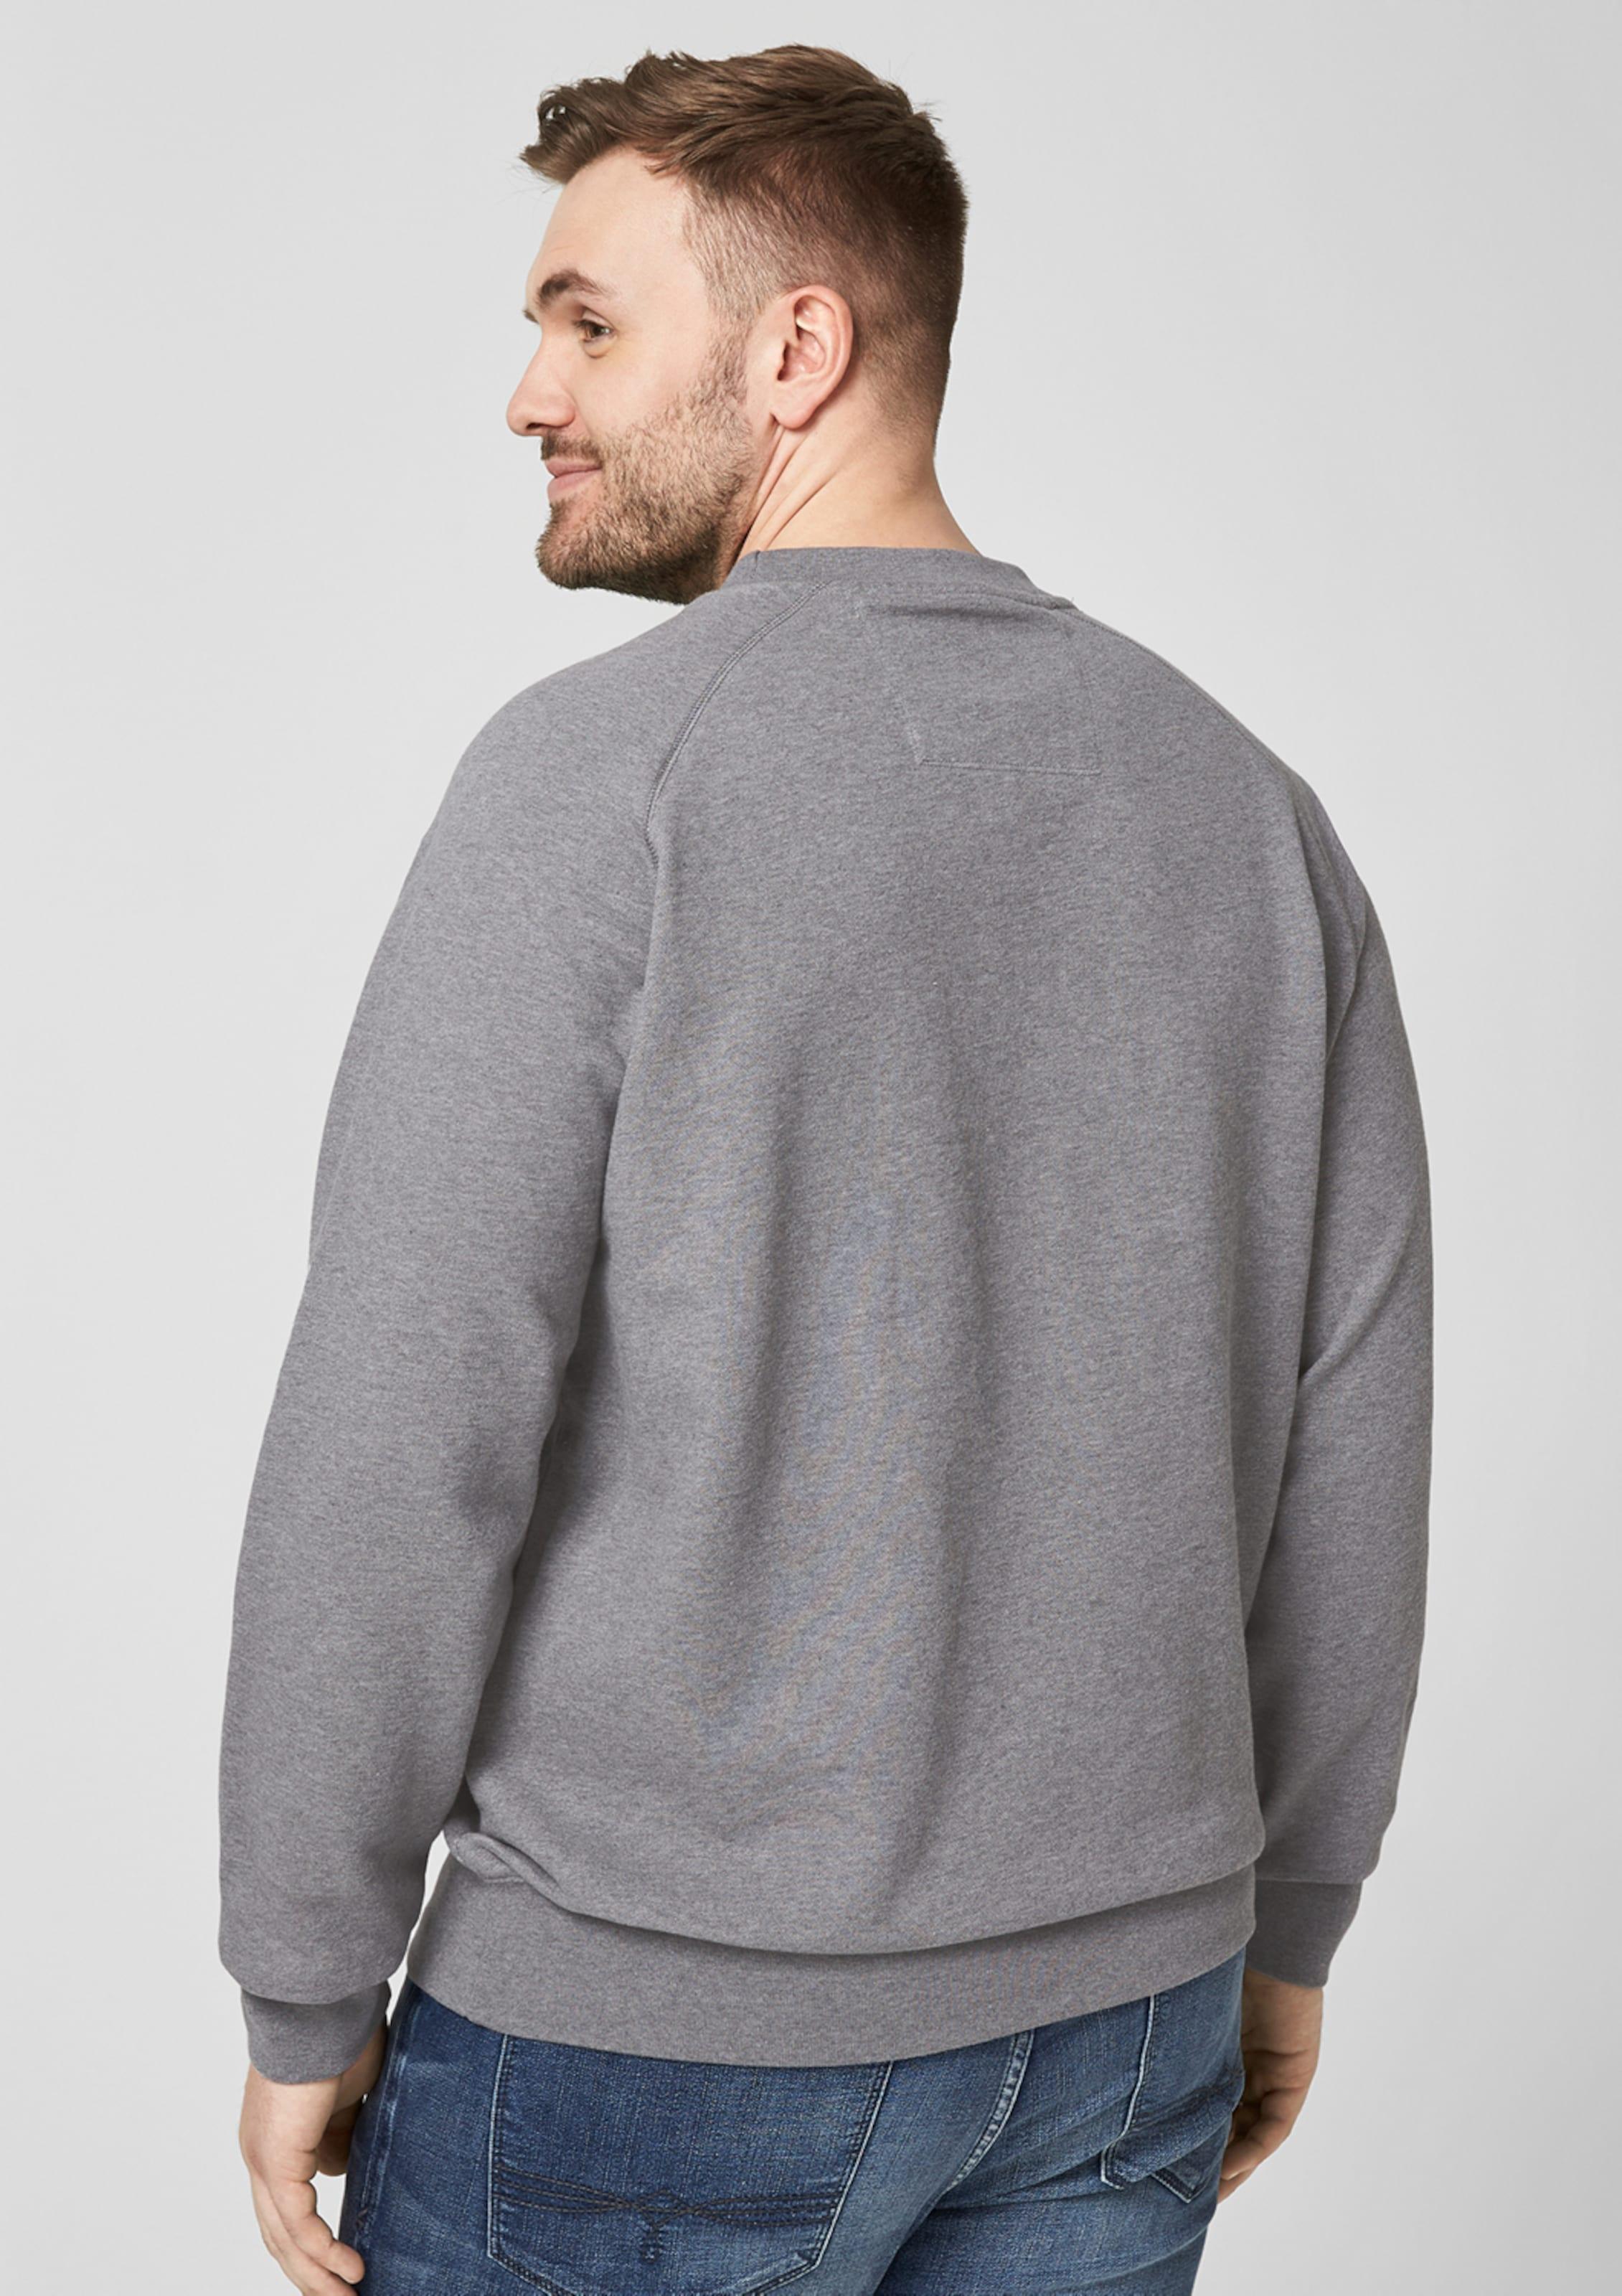 oliver Sweatshirt oliver Sweatshirt RauchgrauWeiß In S S In S Sweatshirt RauchgrauWeiß oliver 6b7gyYf